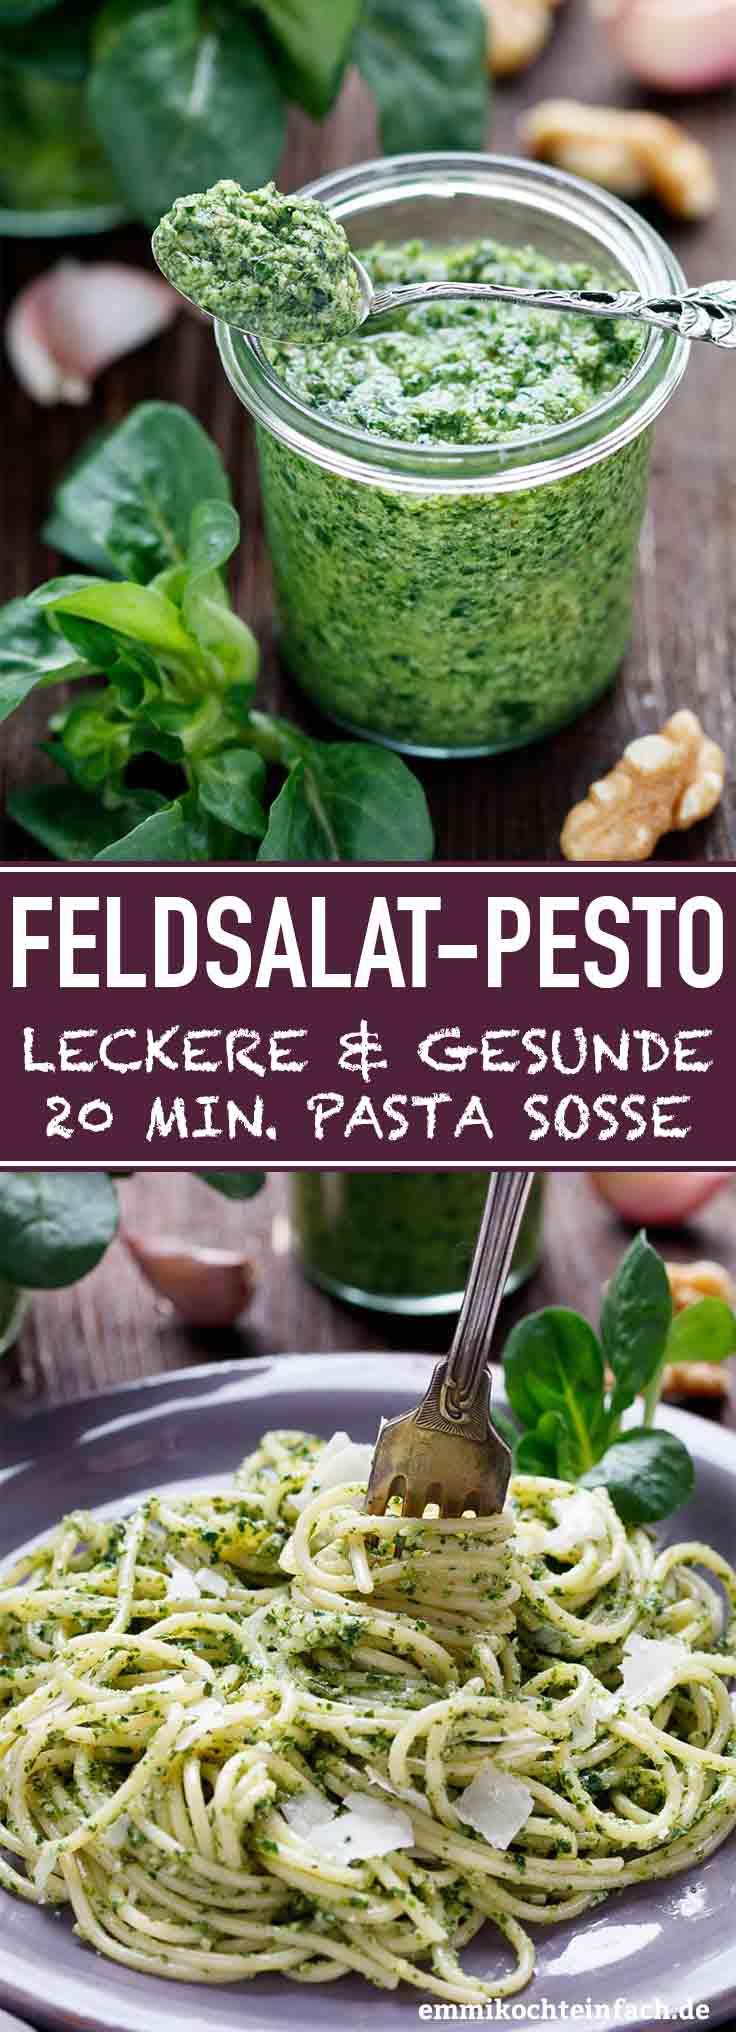 Spaghetti mit Feldsalat Pesto - www.emmikochteinfach.de